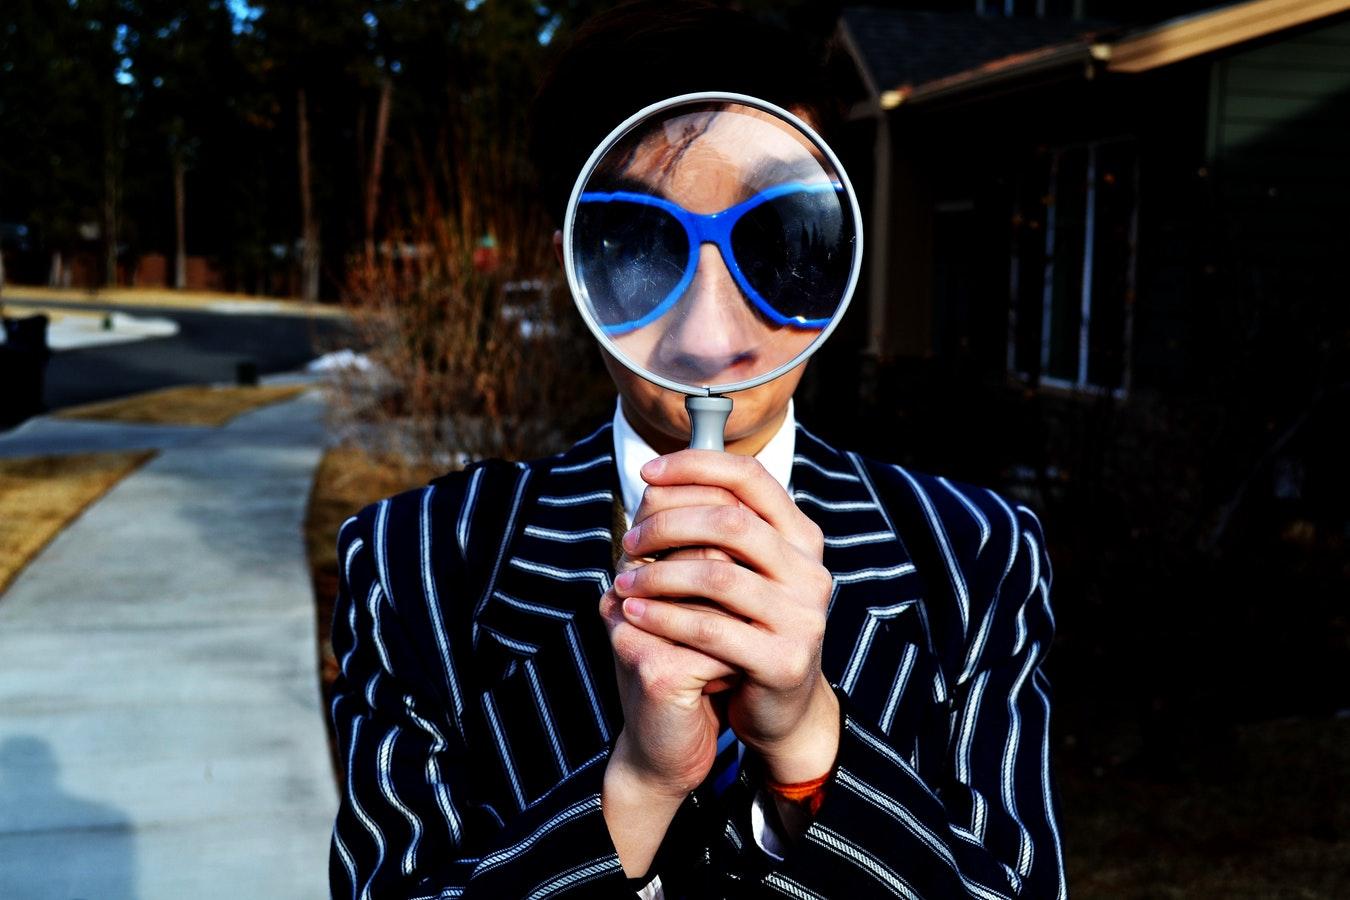 一個穿著條紋西裝的人拿著放大鏡。